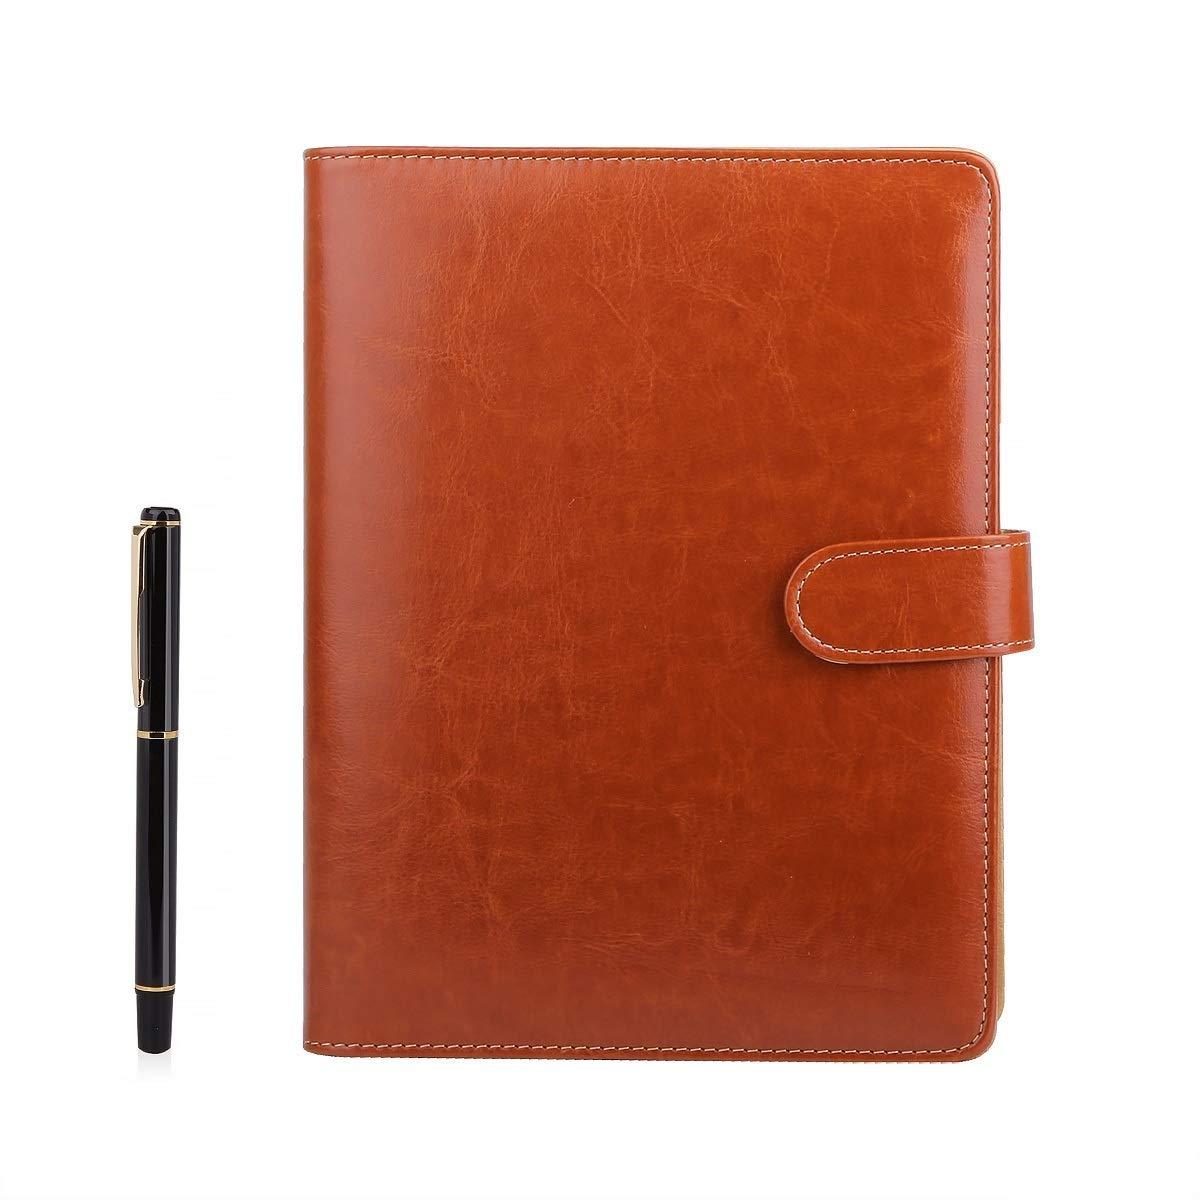 conferencias para negocios cuaderno de 80 p/áginas de grosor Cuaderno de piel A5 BESTOOO recargable libreta viajes Negro-2 color marr/ón hojas sueltas